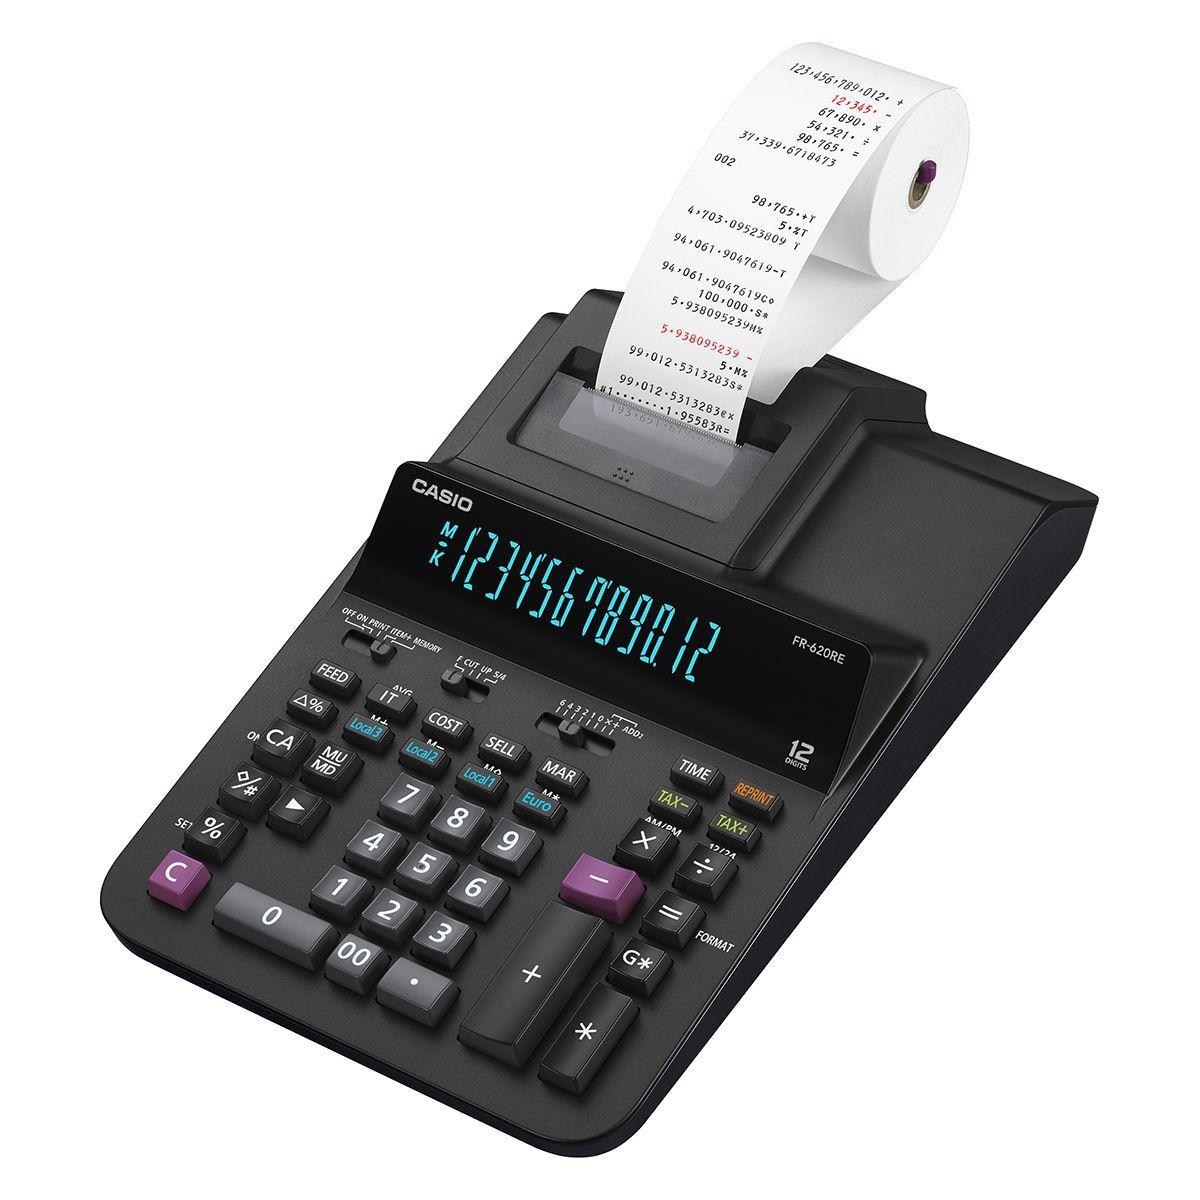 Calculatrice imprimante casio fr-620re - 20% de remise imm�diate avec le code : deal20 (photo)